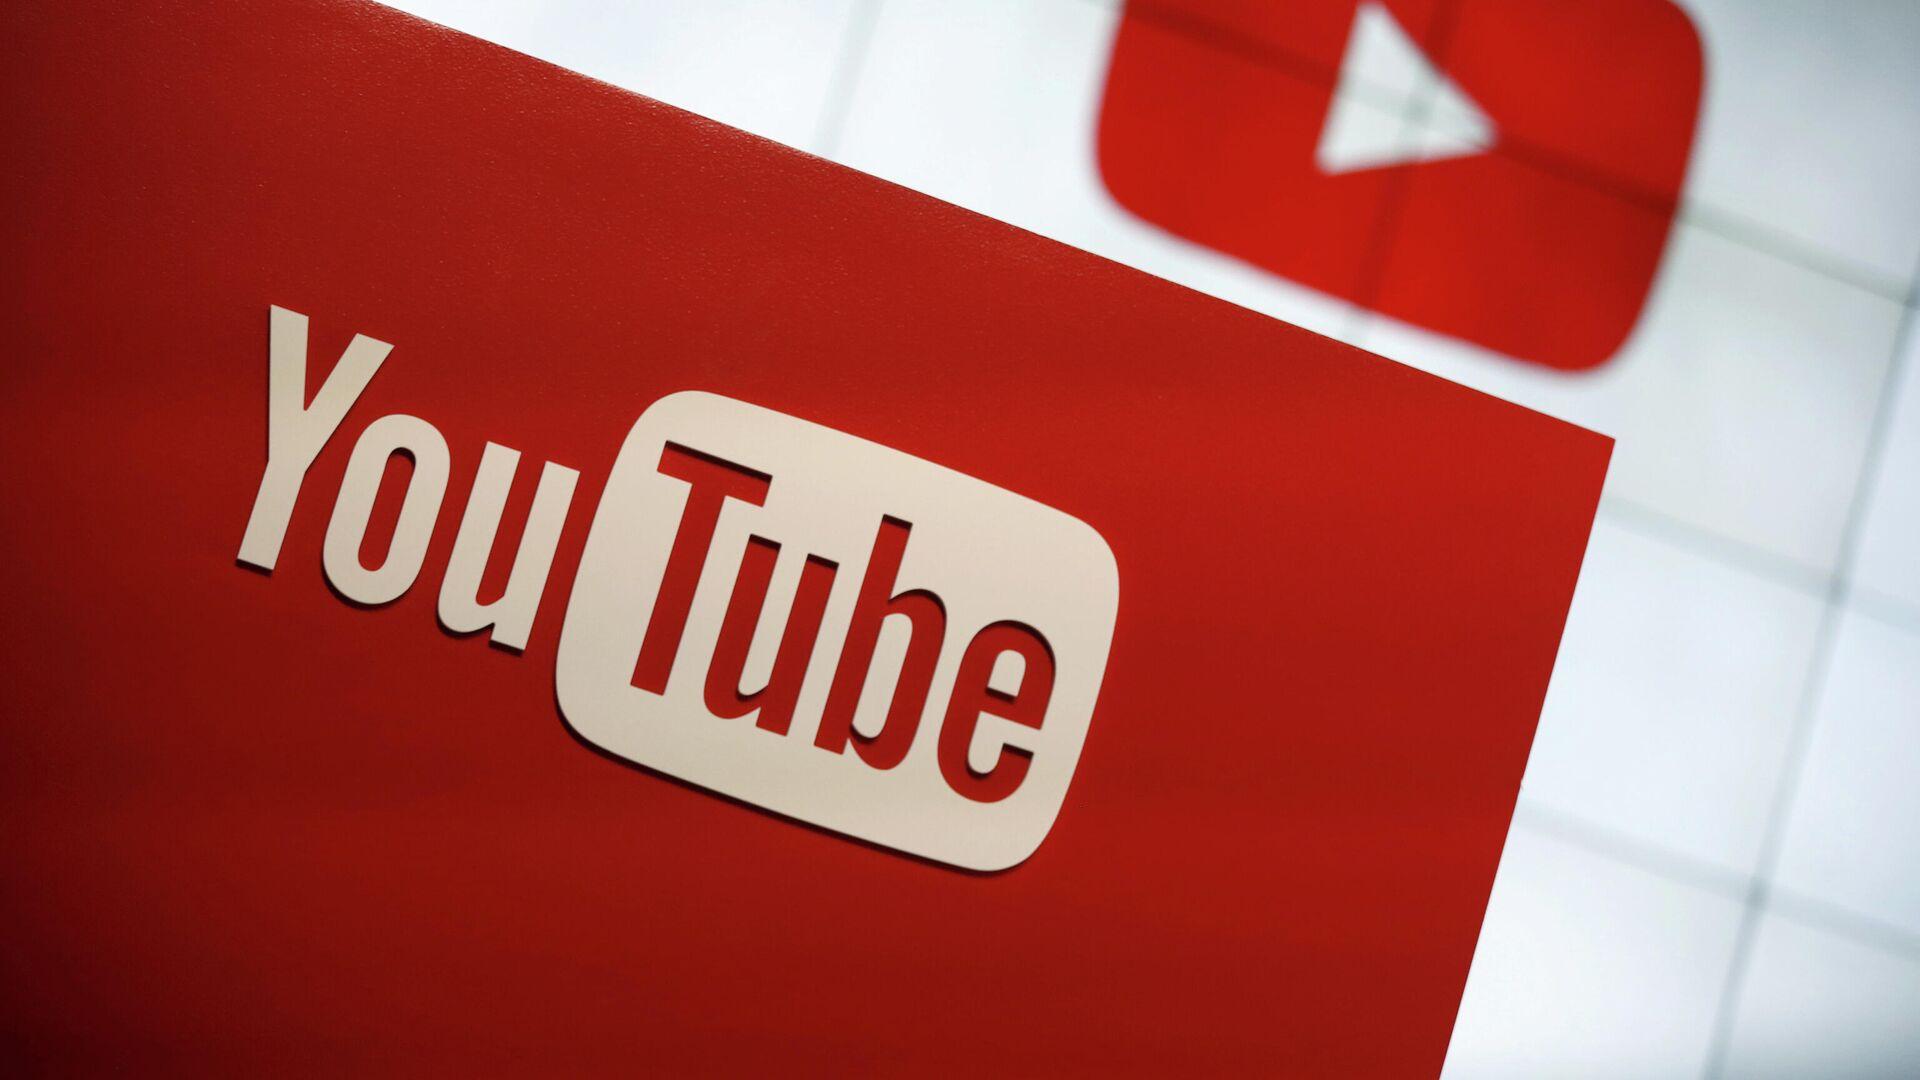 Videoplattform Youtube (Logo) - SNA, 1920, 24.04.2021